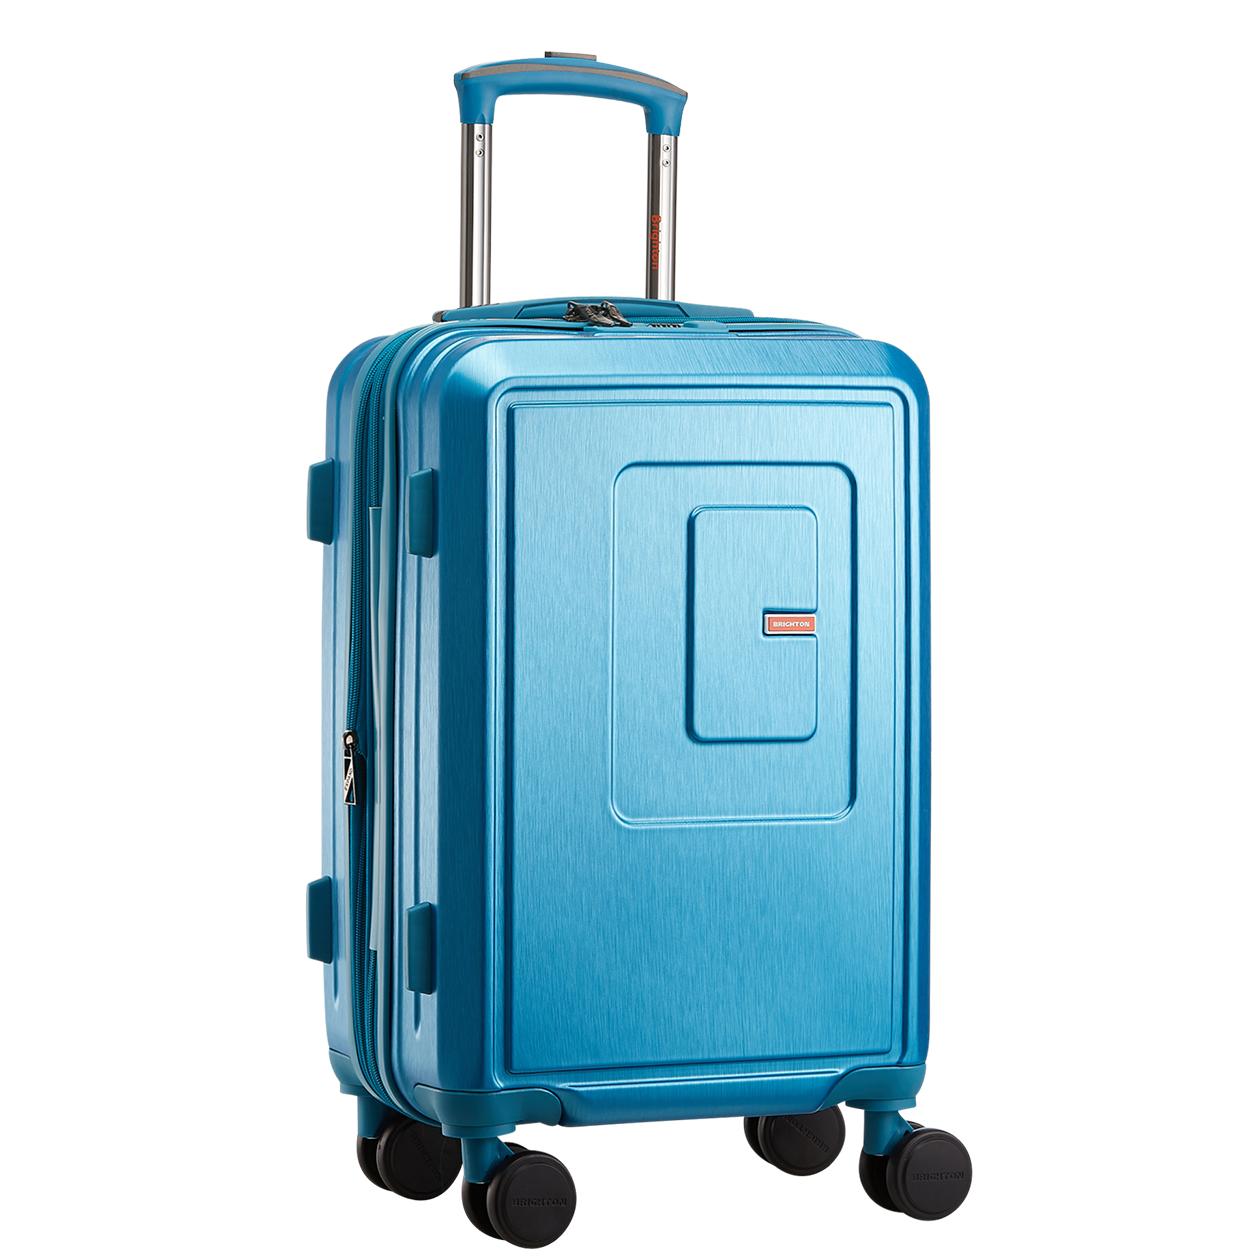 브라이튼 헤라 20인치 기내용 여행용캐리어 여행가방